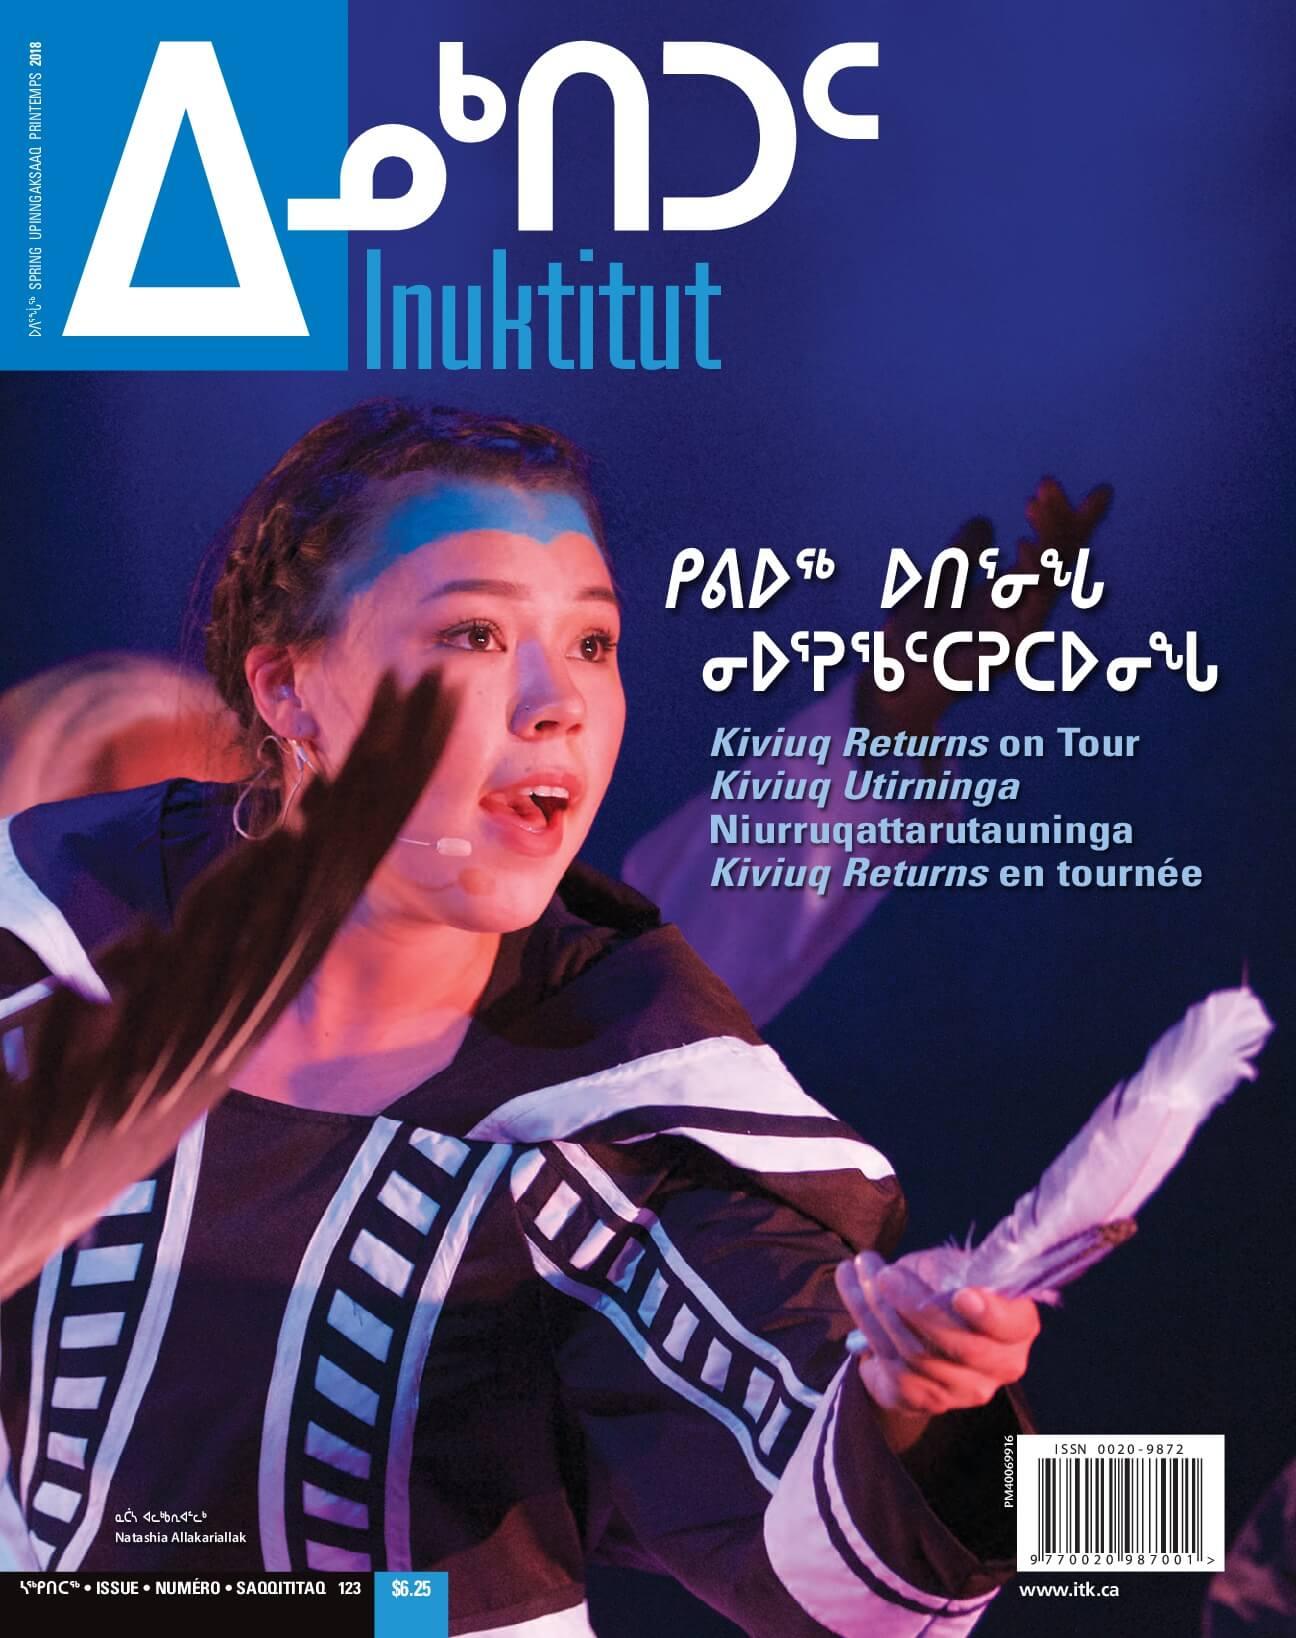 Inuktitut – Issue 123